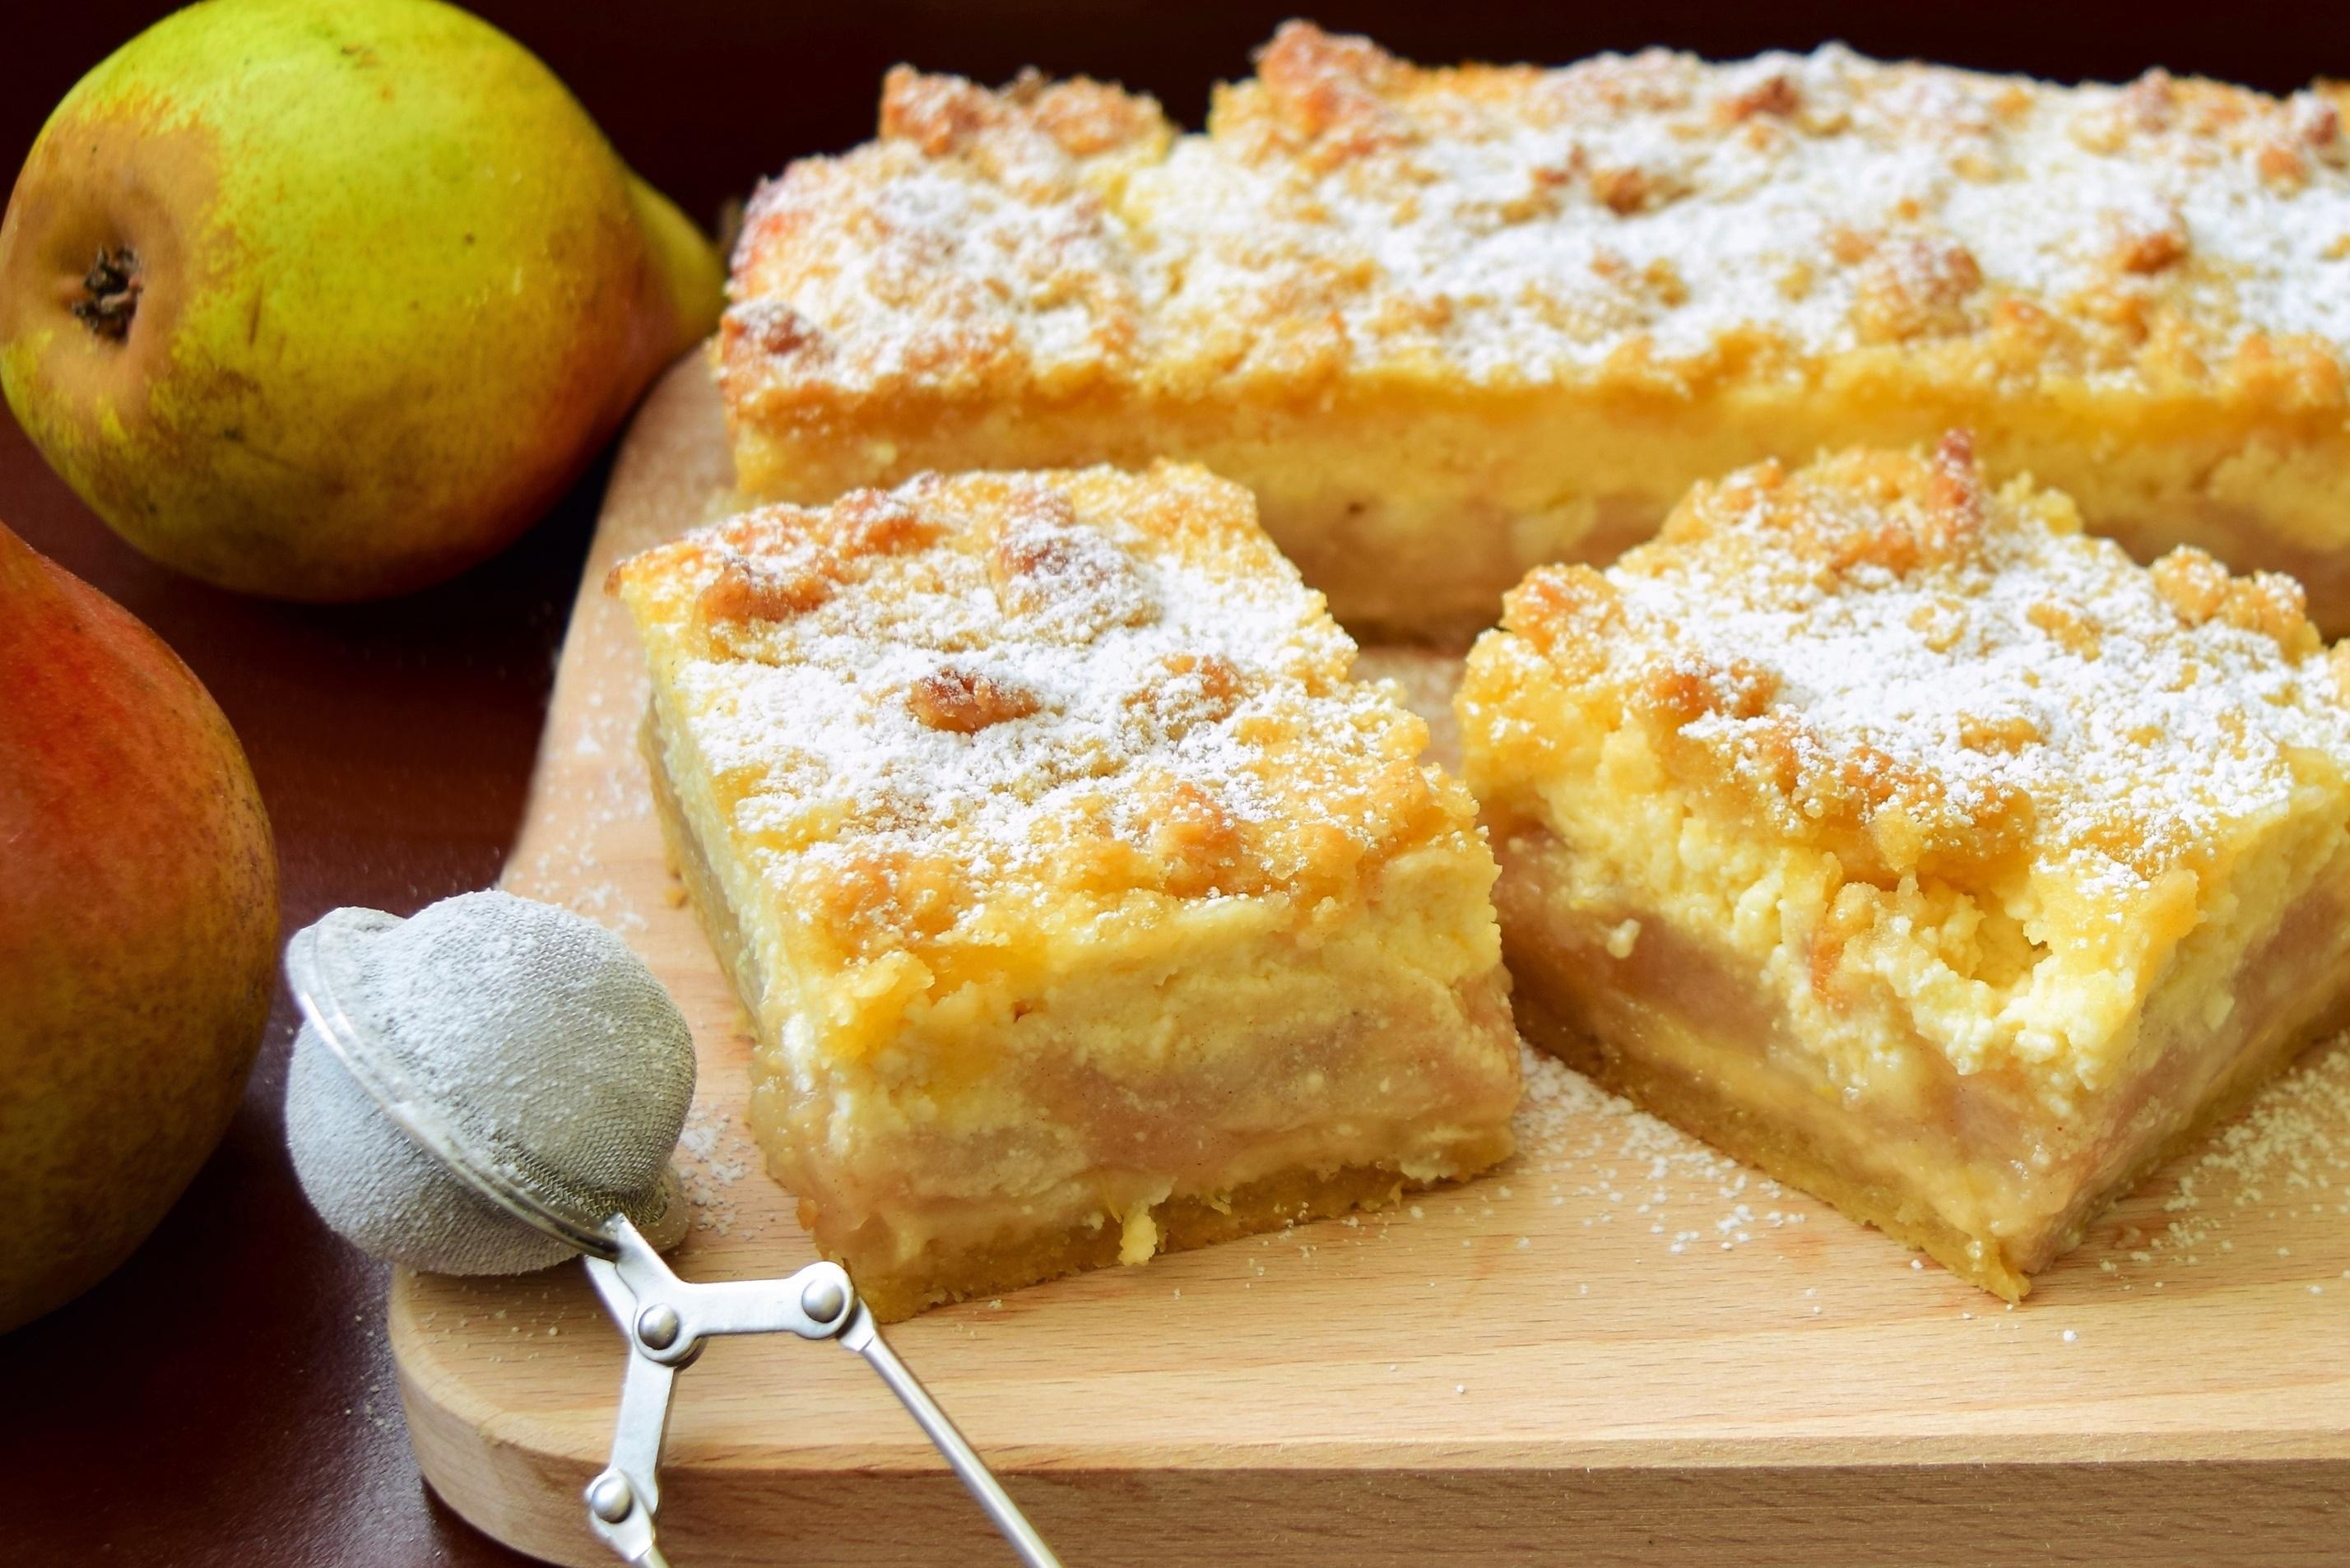 Desert de toamnă: Prăjitura cu pere și cremă de brânză. O încântare pentru papilele gustative!